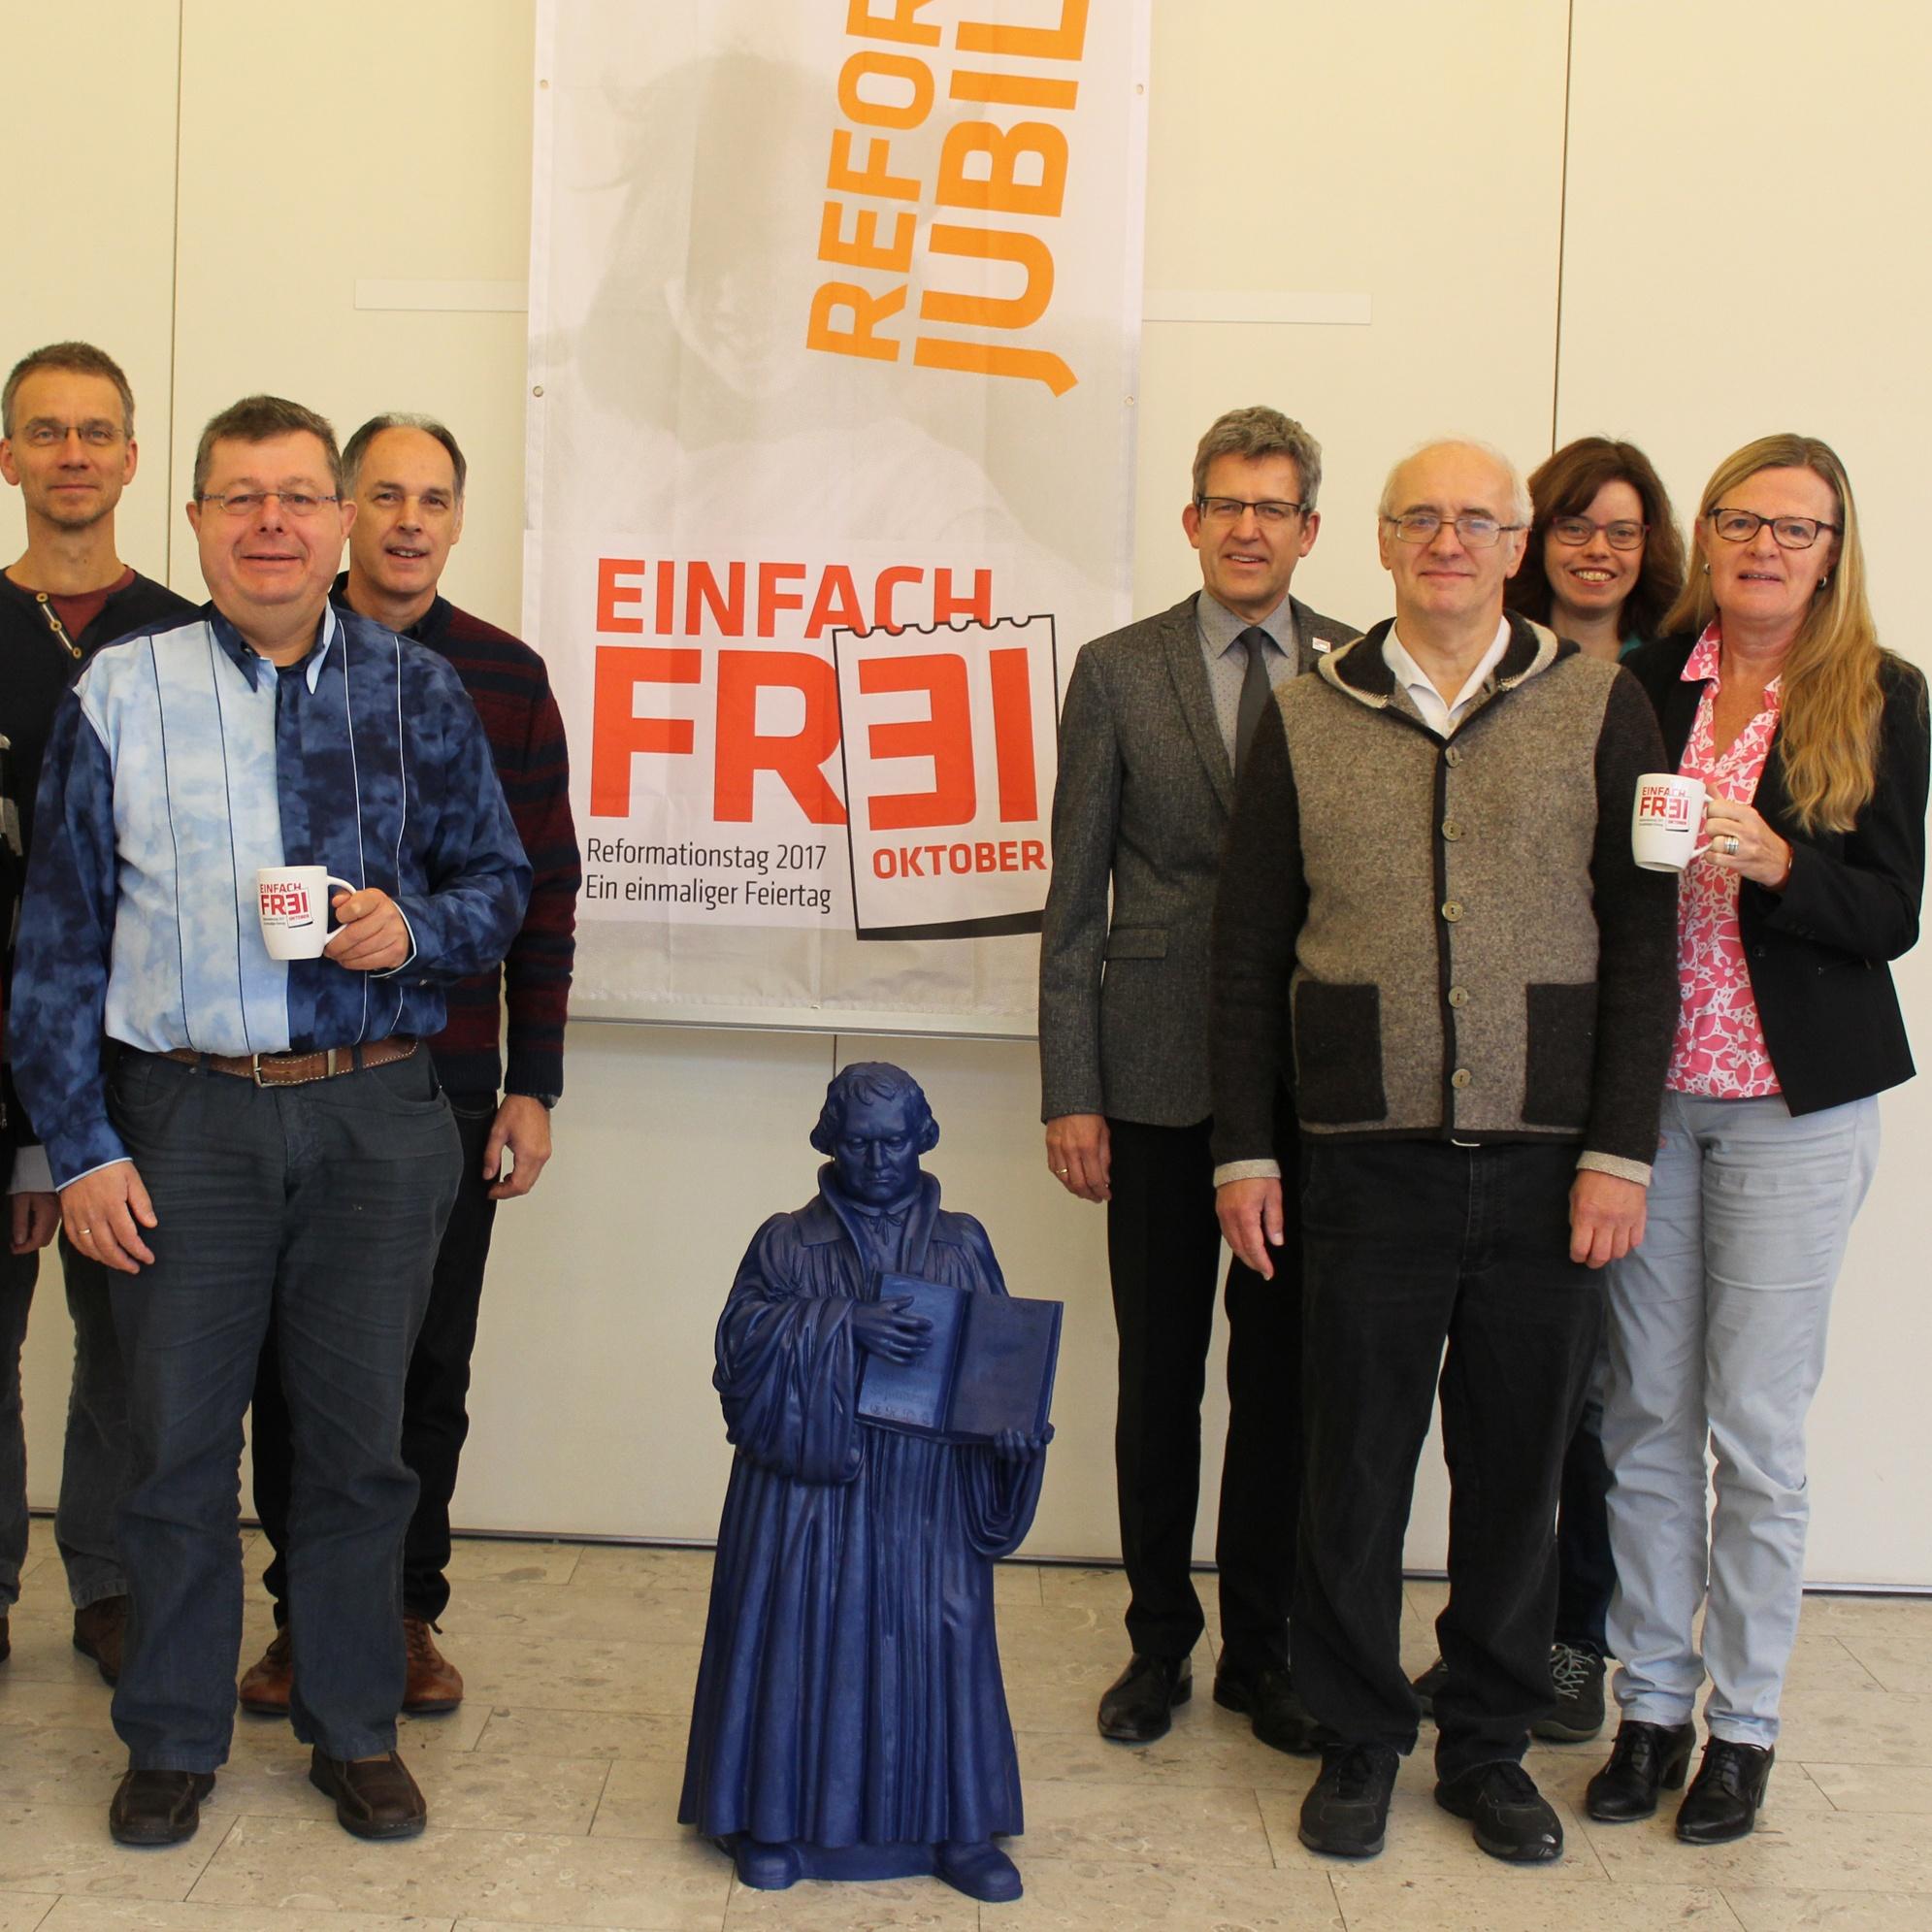 EINFACH FR3I: Höhepunkt der Kampagne ist der 31. Oktober 2017 Kirchenkreis und Gemeinden feiern 500 Jahre Reformation